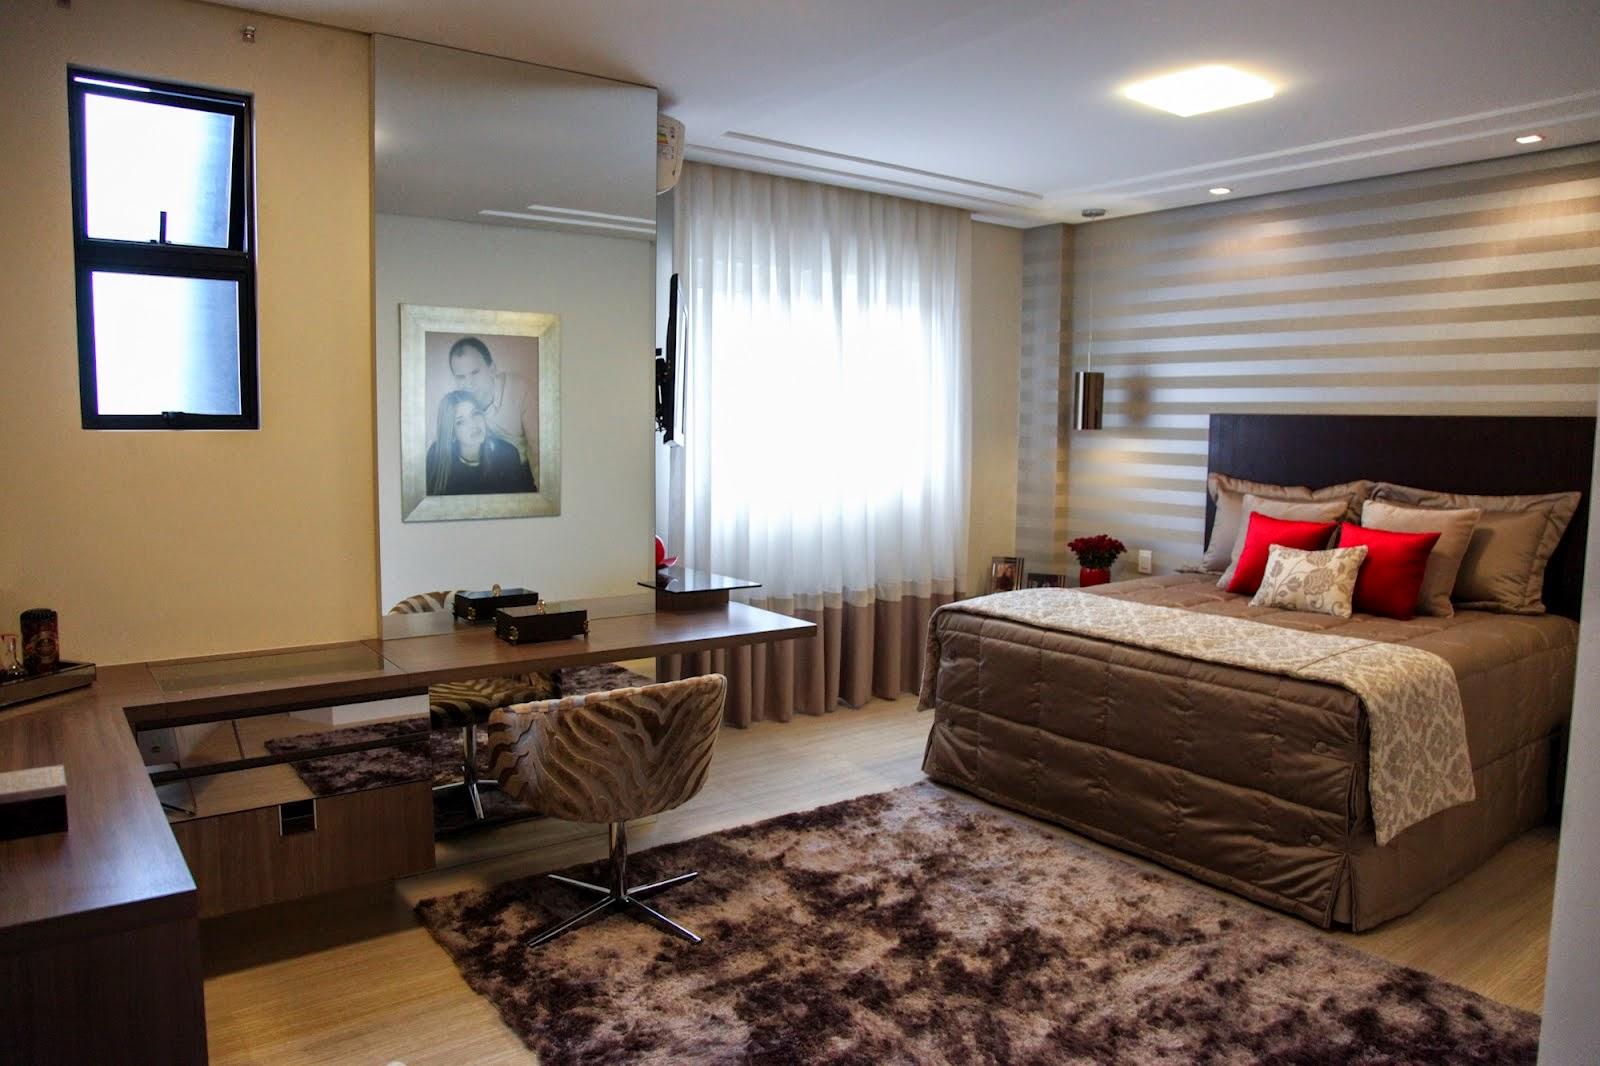 cama decorada, home office, iluminação